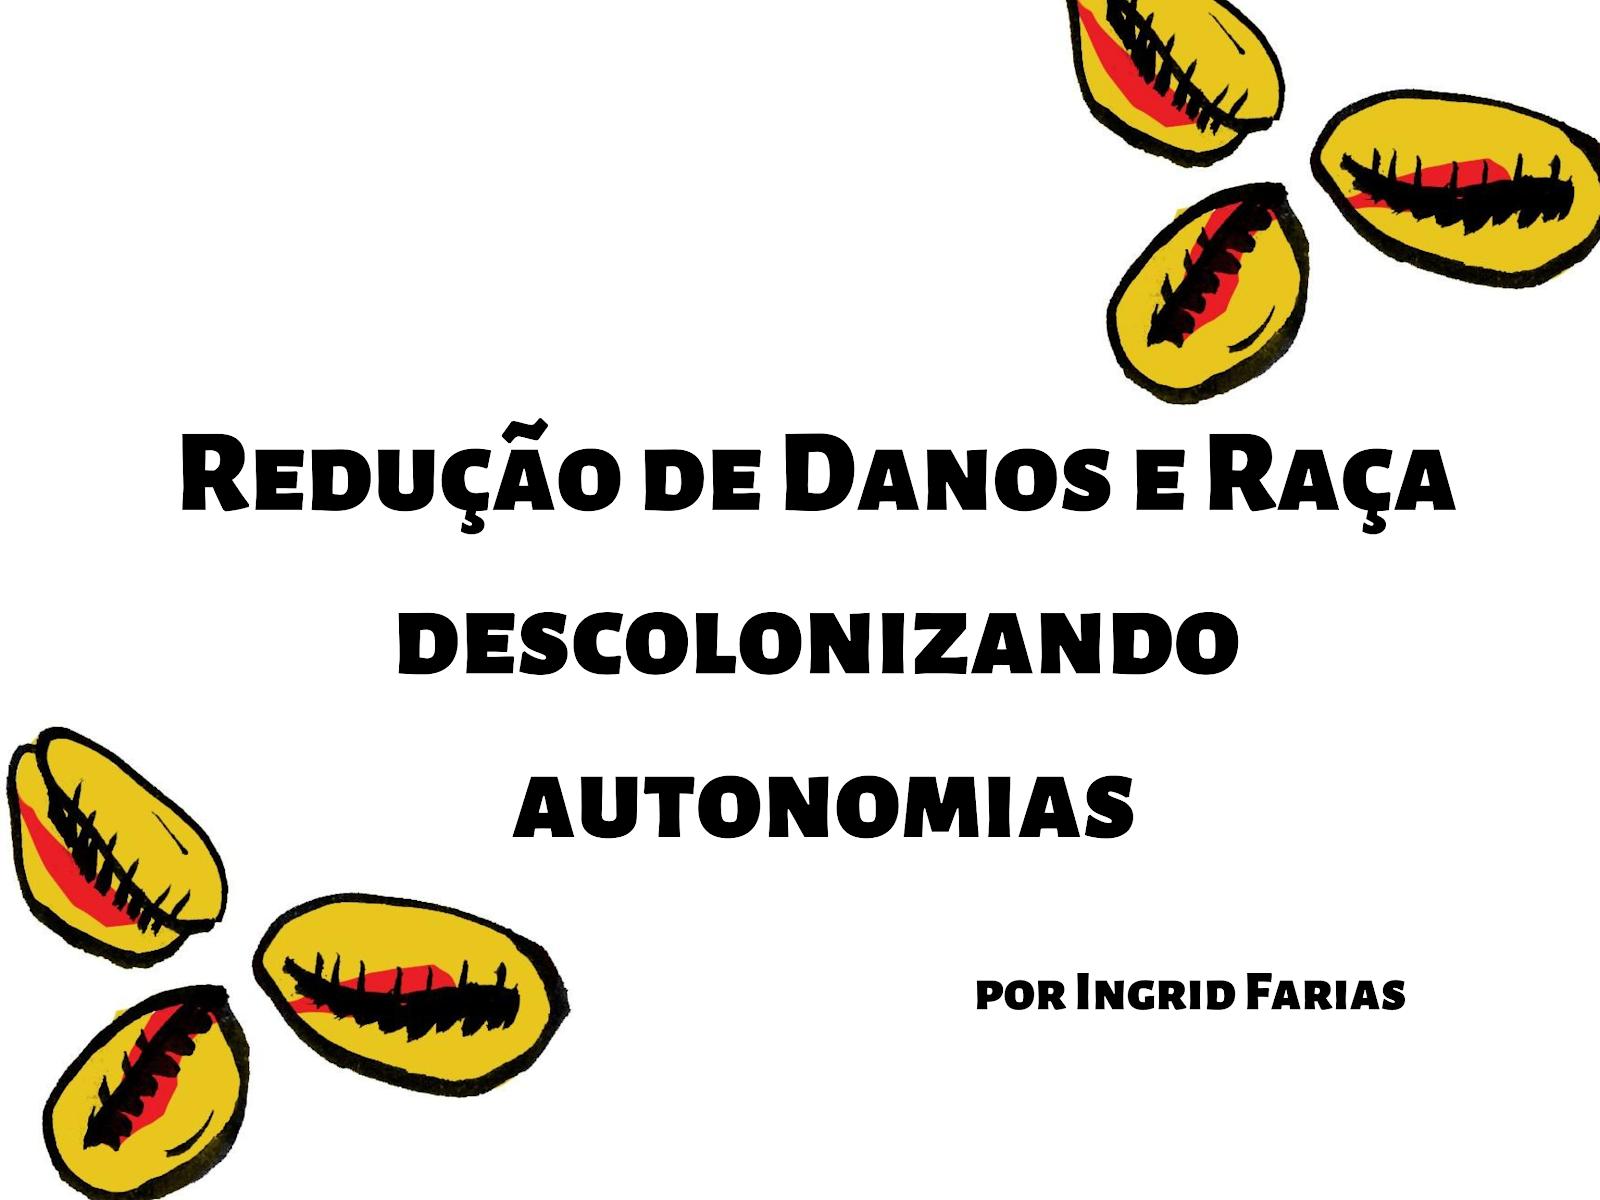 Redução de Danos e Raça - descolonizando autonomias